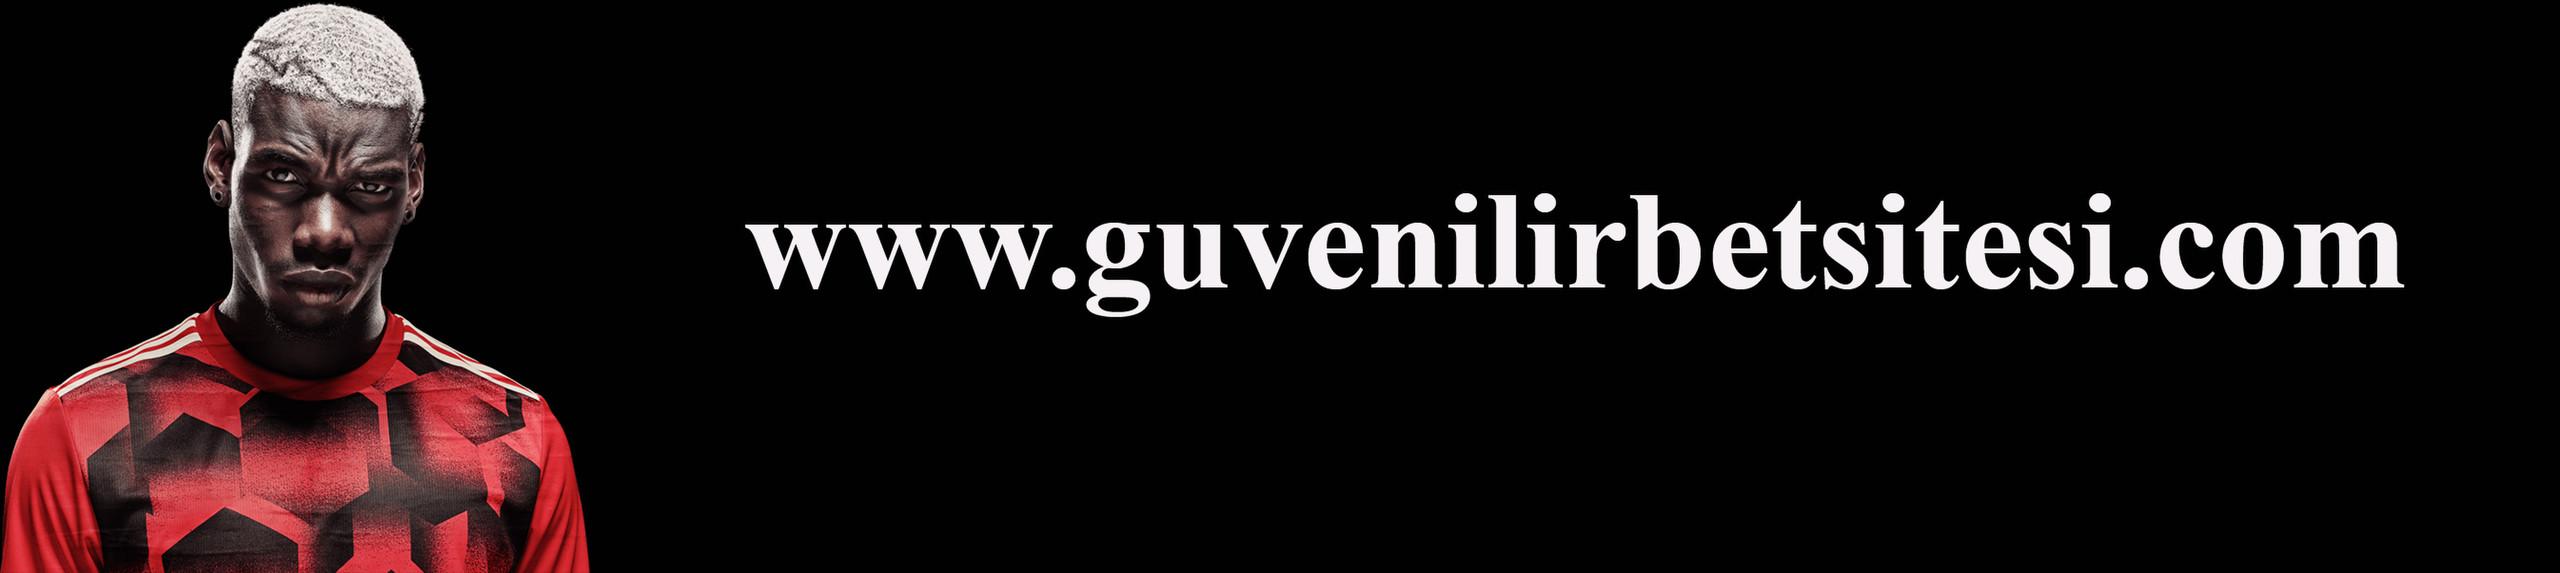 #guvenilirbetsitesi #fenerbahçe #wallpaper #beşiktaş #güvenilir bahis siteleri